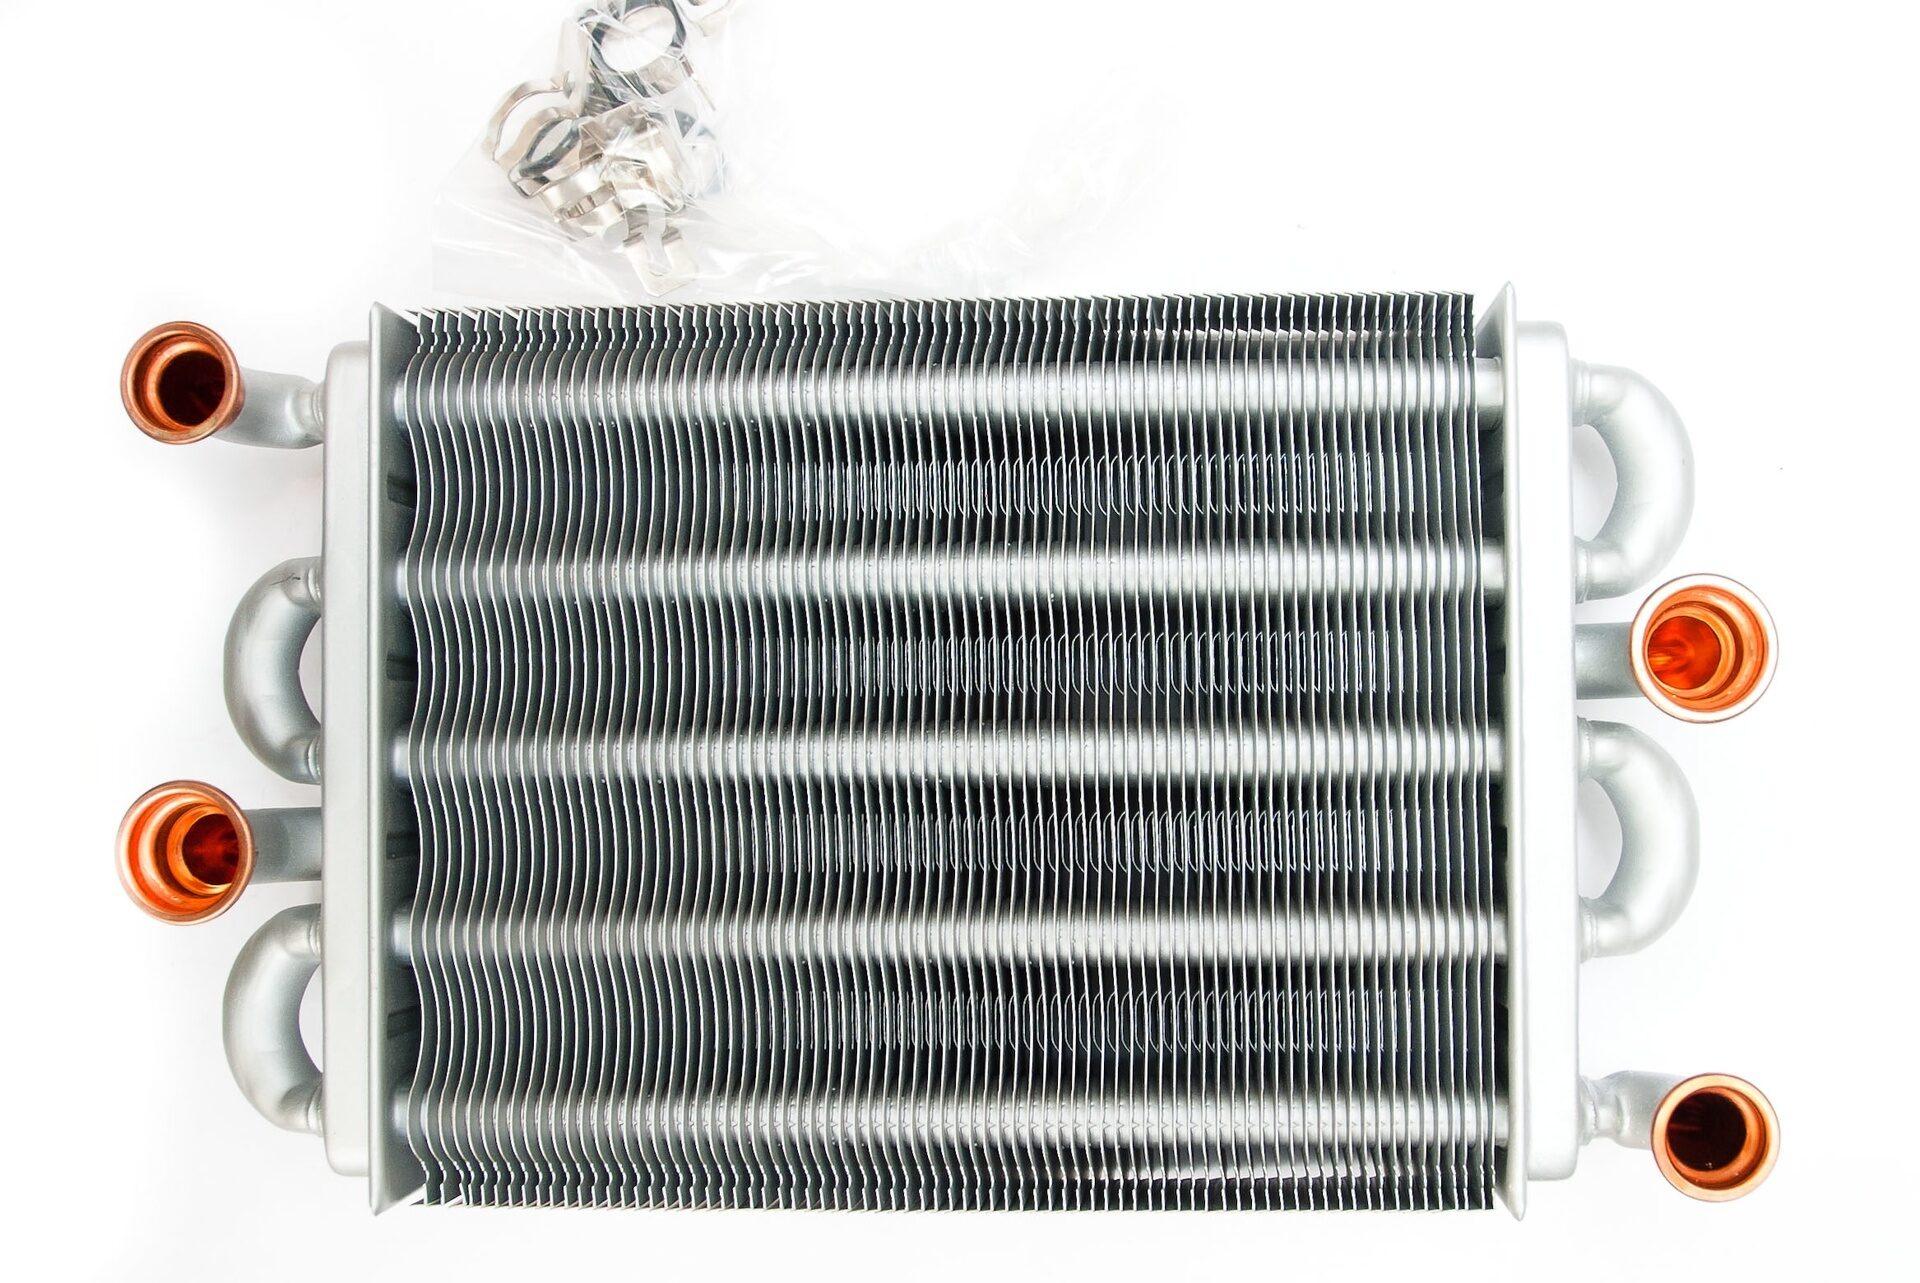 Купить ferroli domiproject f24 теплообменник подготовка к пуску теплообменника